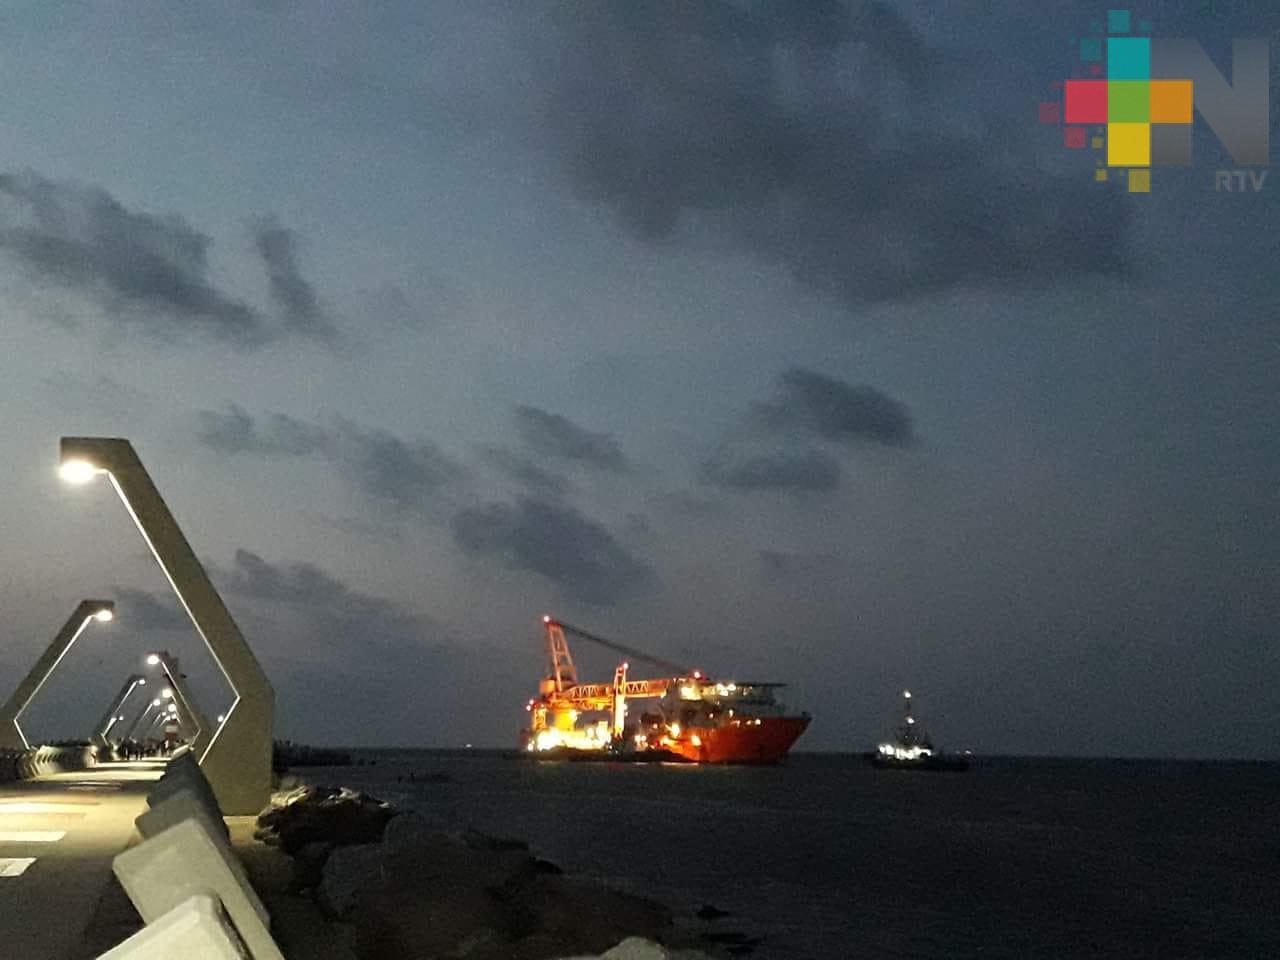 Para salir de Coatzacoalcos barco Caballo Marango deberá rehabilitar equipos de seguridad